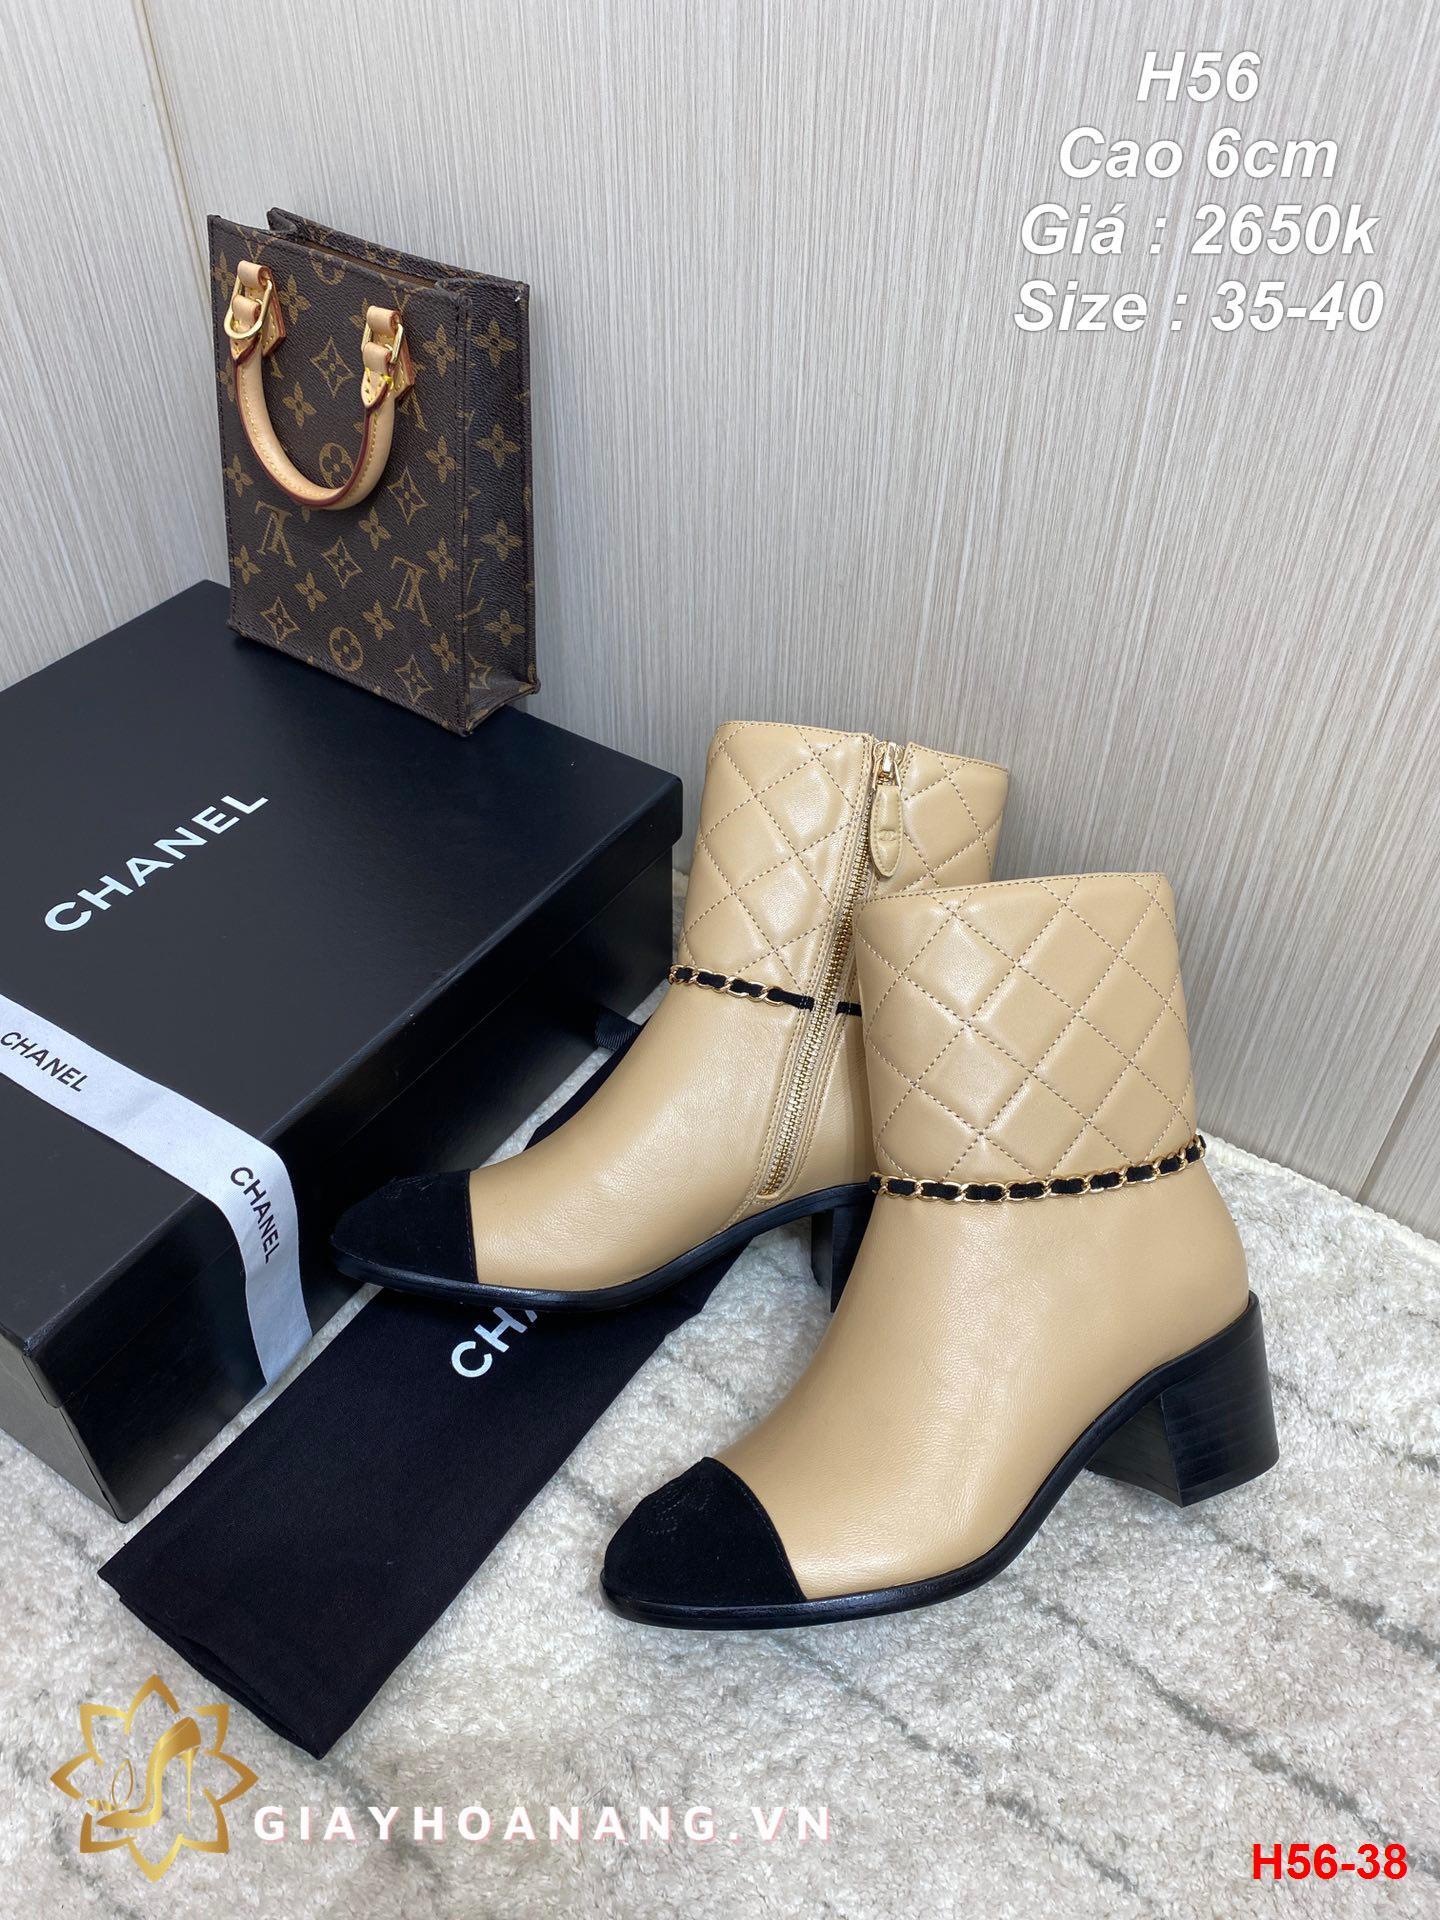 H56-38 Chanel bốt cao 6cm siêu cấp